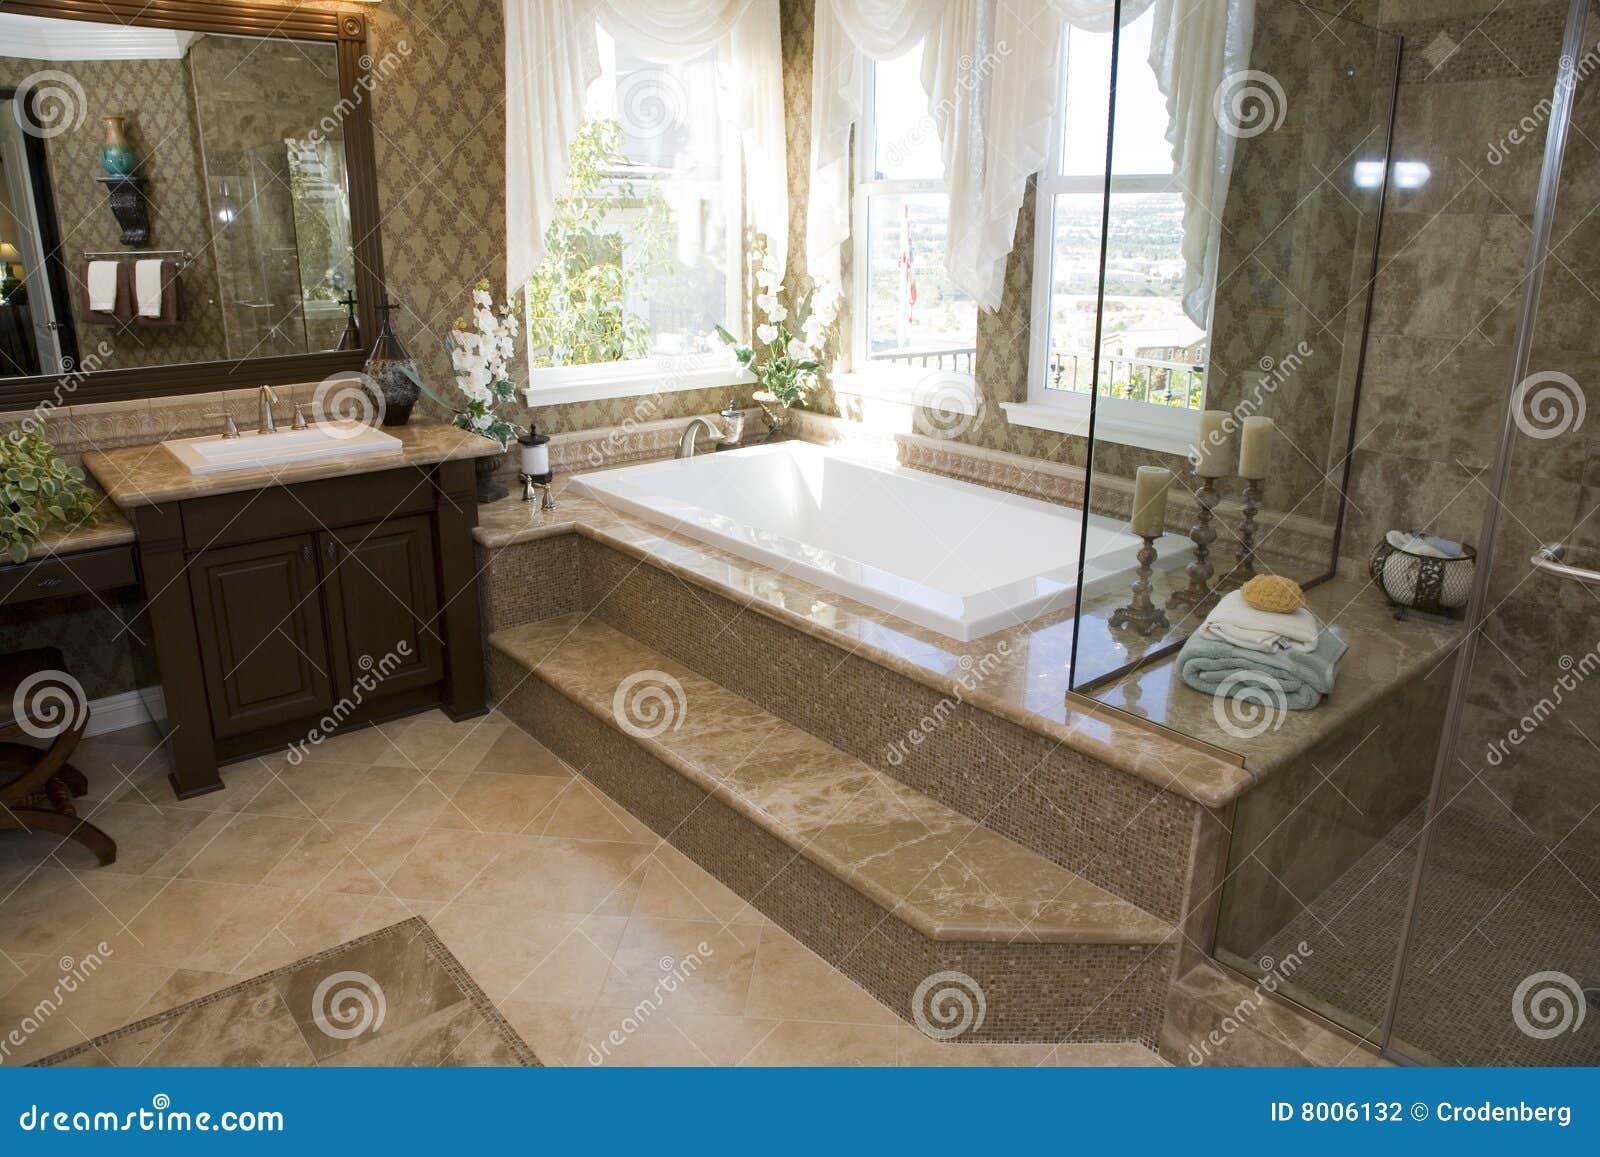 Salle De Bains Luxueuse Photo Stock Image Du Int Rieur 8006132~ Salle De Bain Rangement